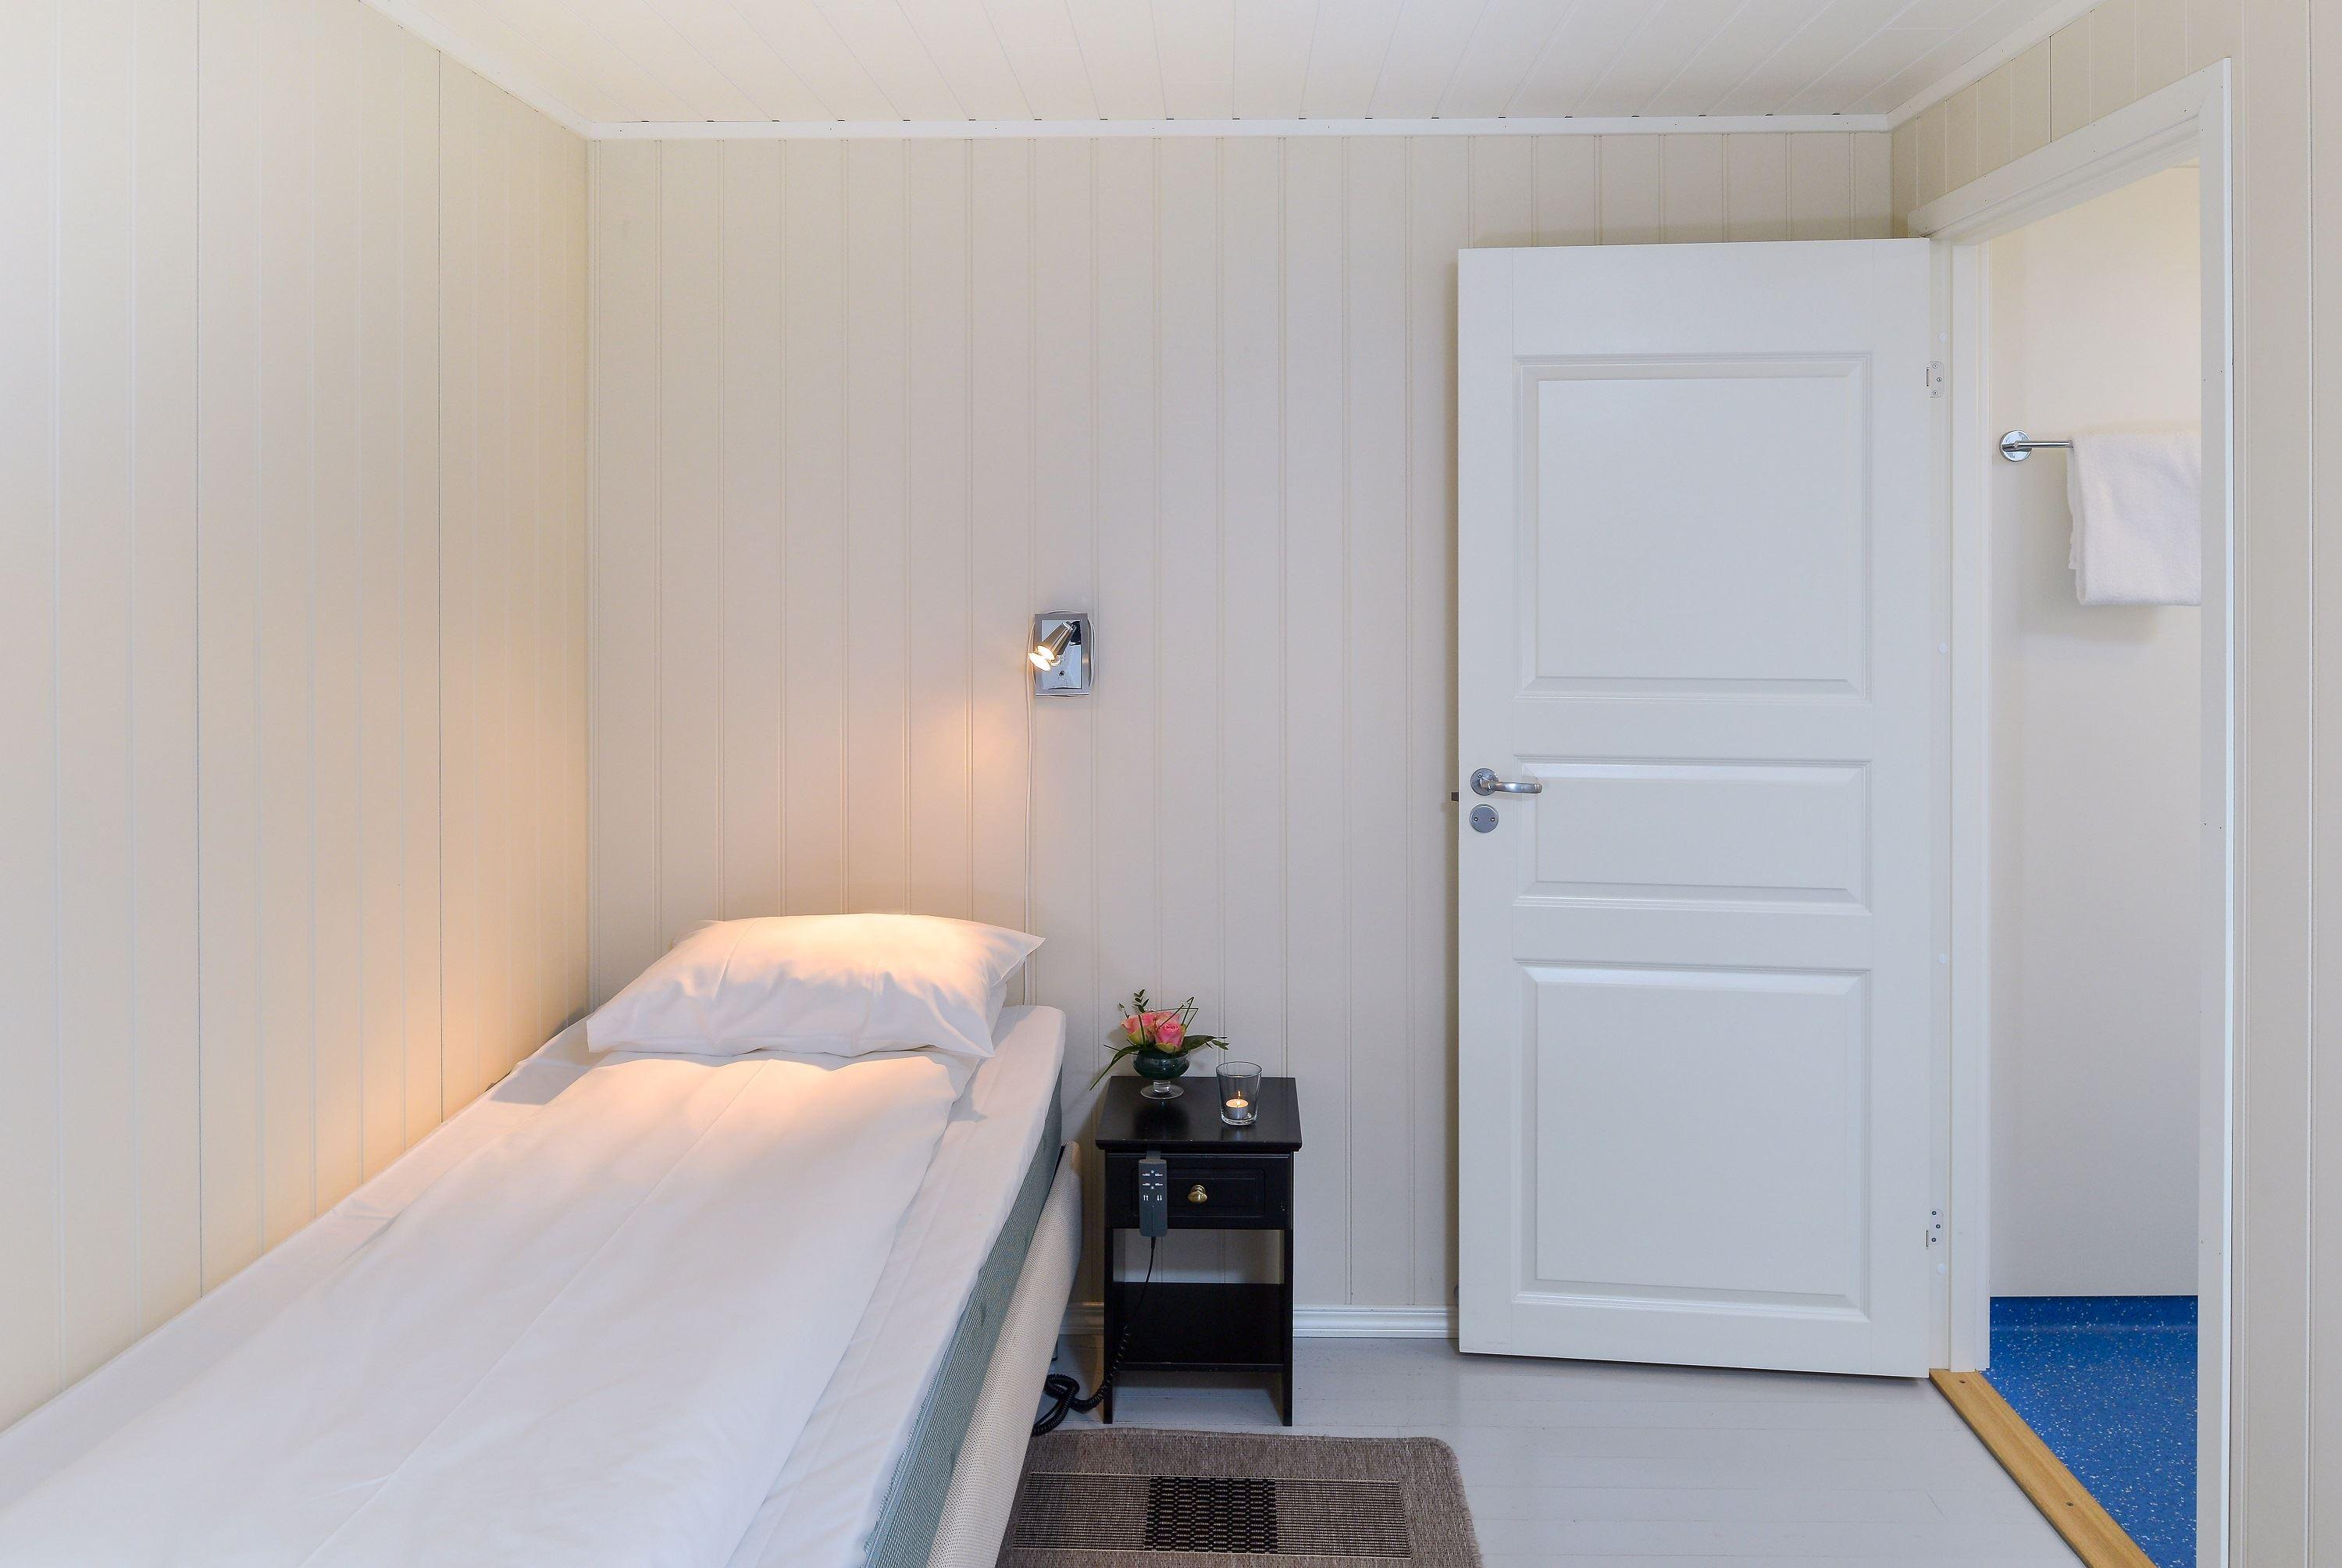 © Andøy Hotell og Restaurantdrift AS, Grønnbua Rorbu Hotell